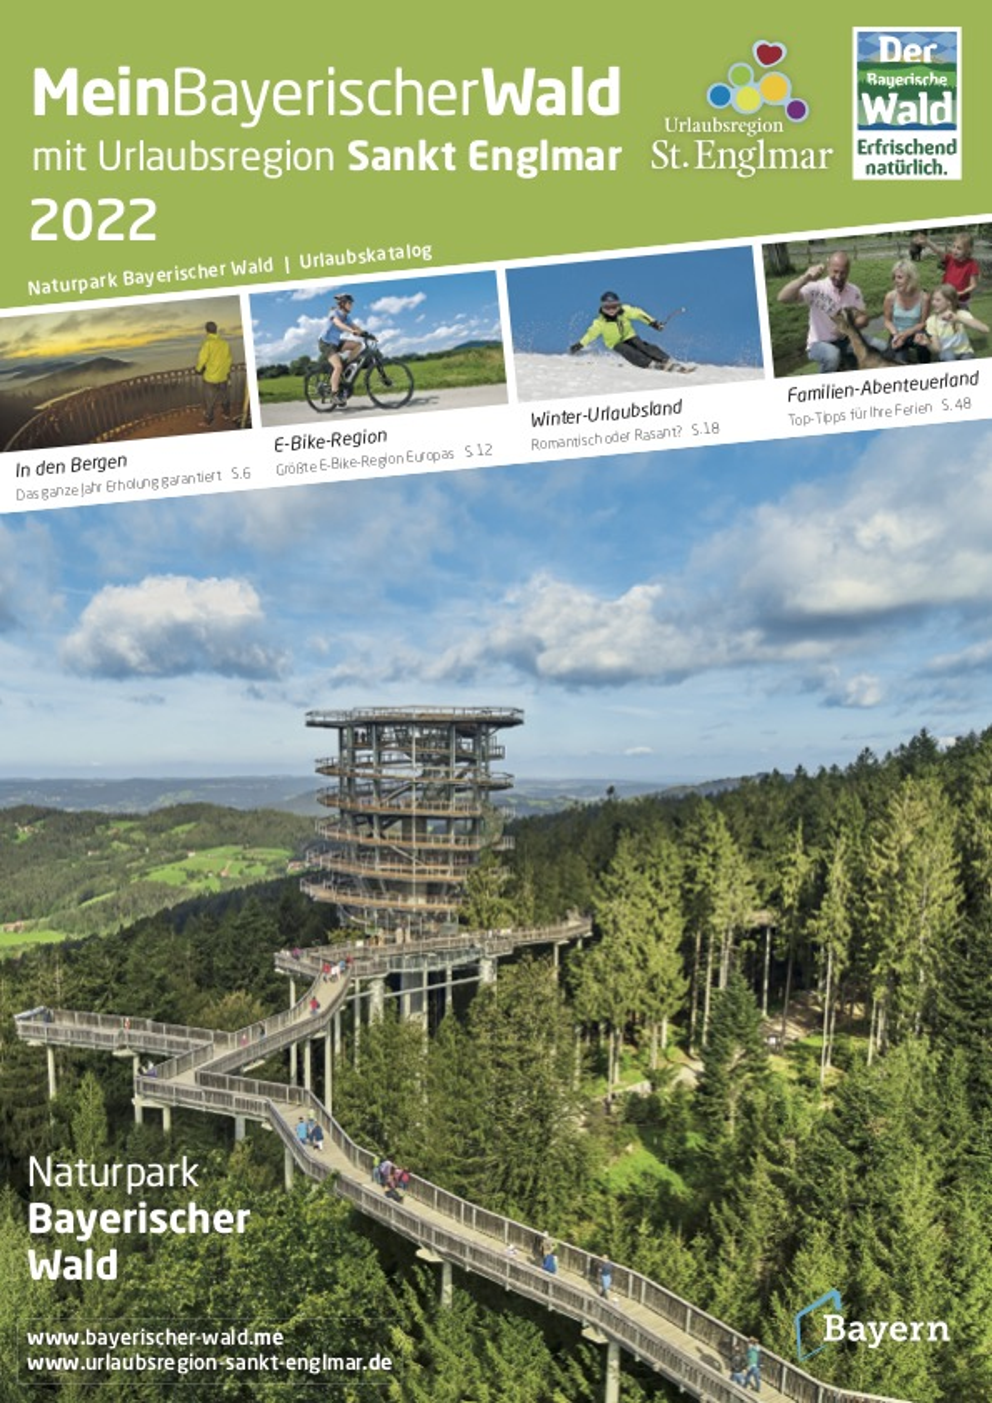 Niederbayern - Urlaubsregion St. Englmar und das Urlaubsland Straubing-Bogen